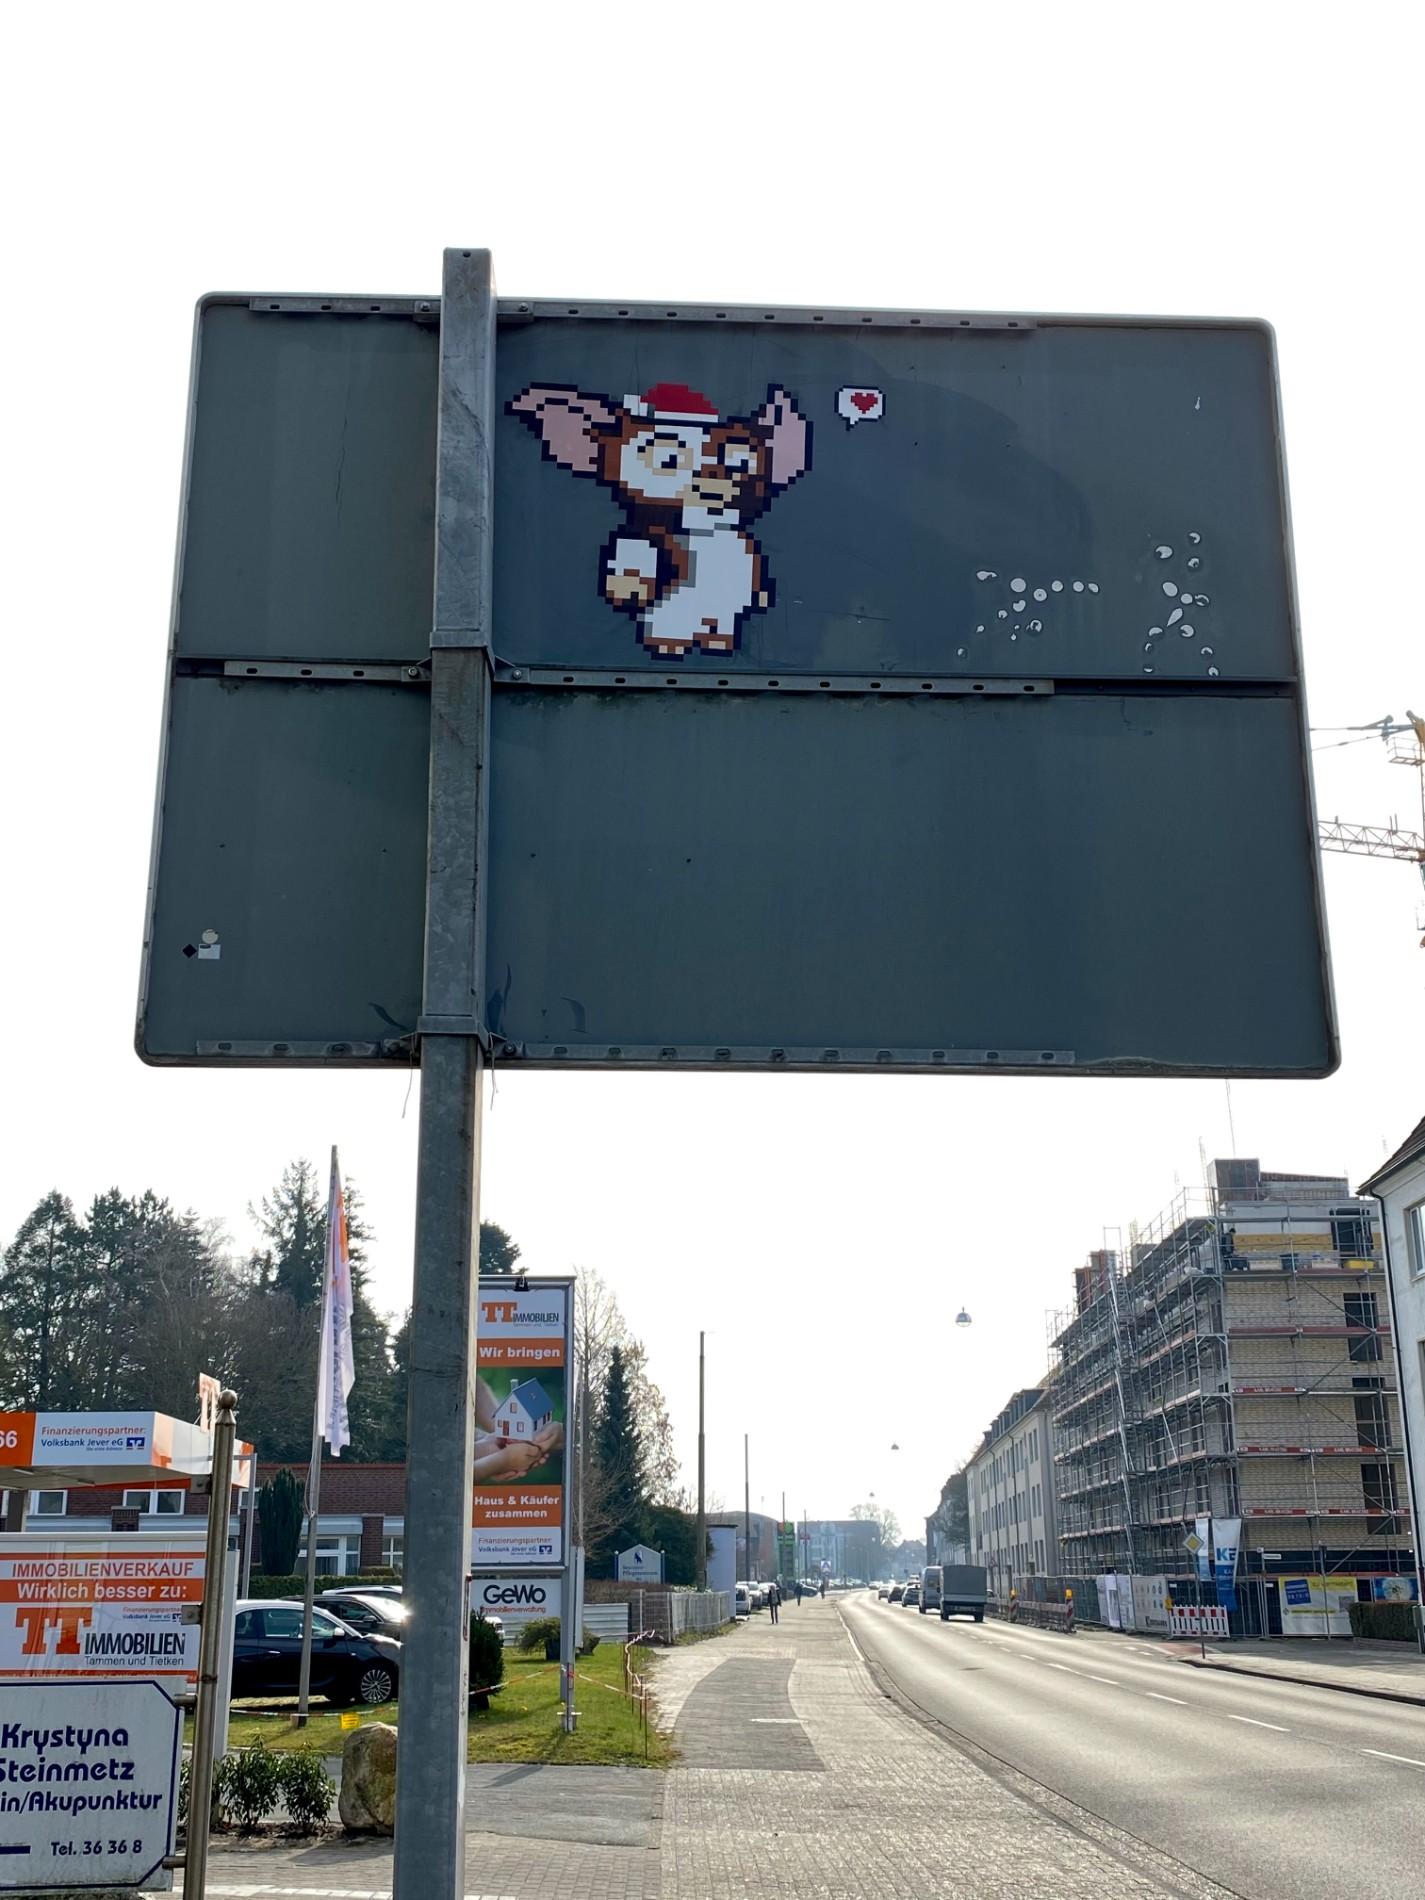 Comicfigur auf einem Verkehrsschild